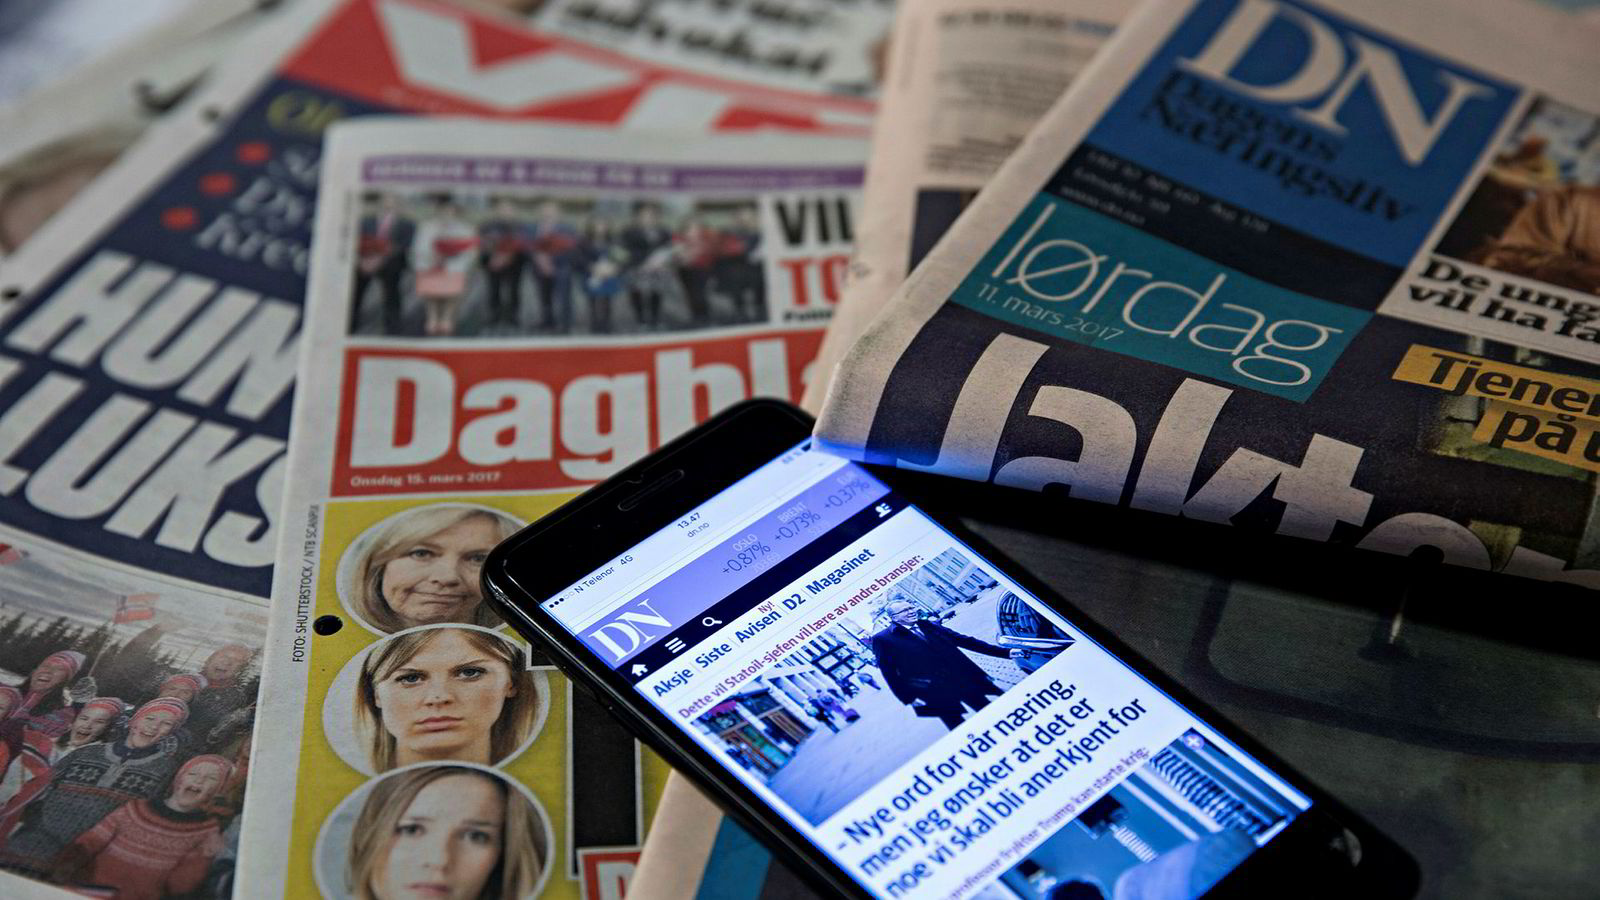 Jeg ønsker meg ikke et nyhetsdøgn hvor hva som er viktigst er synonymt med hva som er mest delt i sosiale medier, skriver artikkelforfatteren.